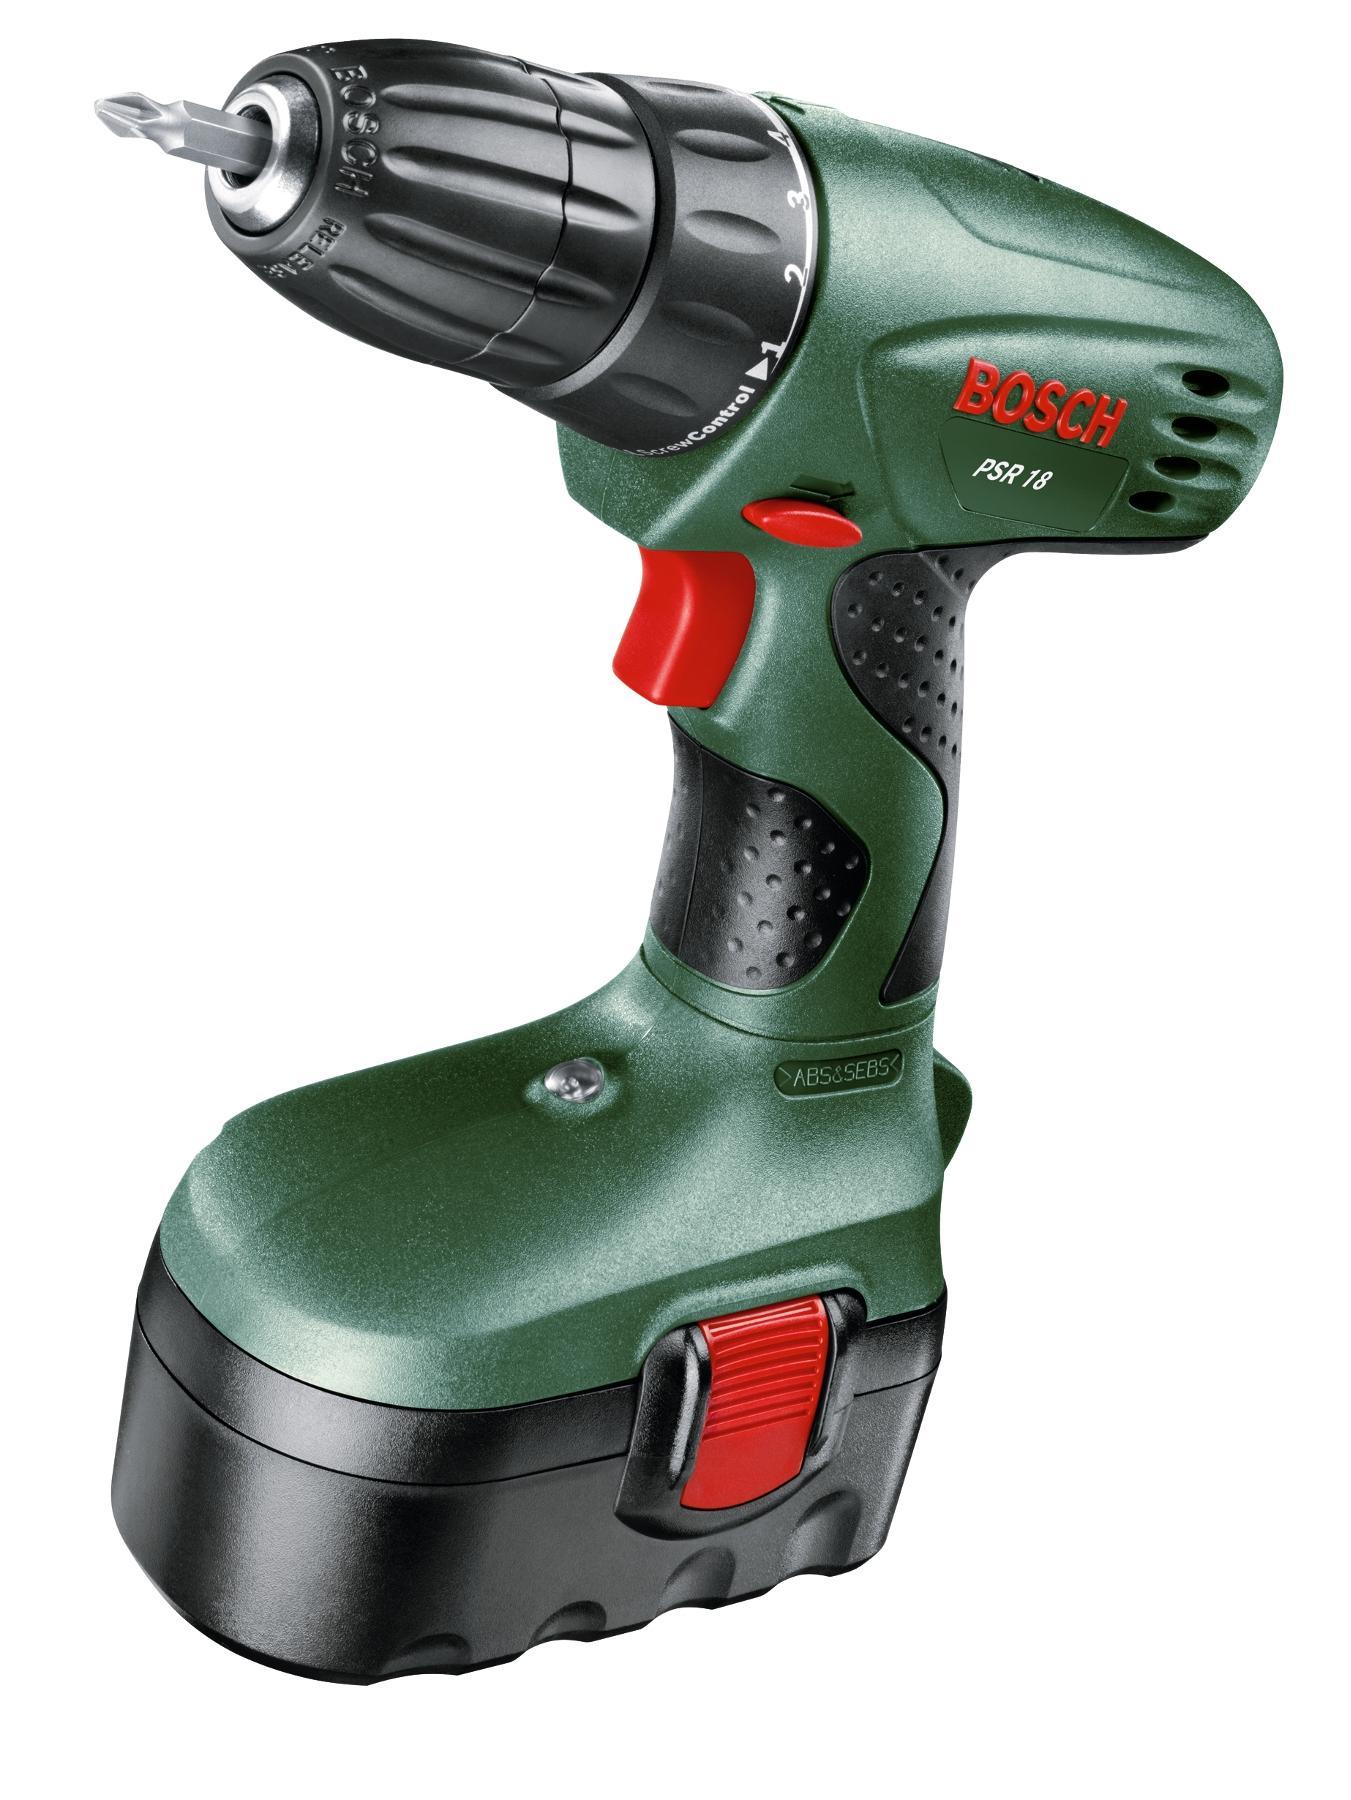 Bosch PSR18 18 Volt Cordless Drill/Driver